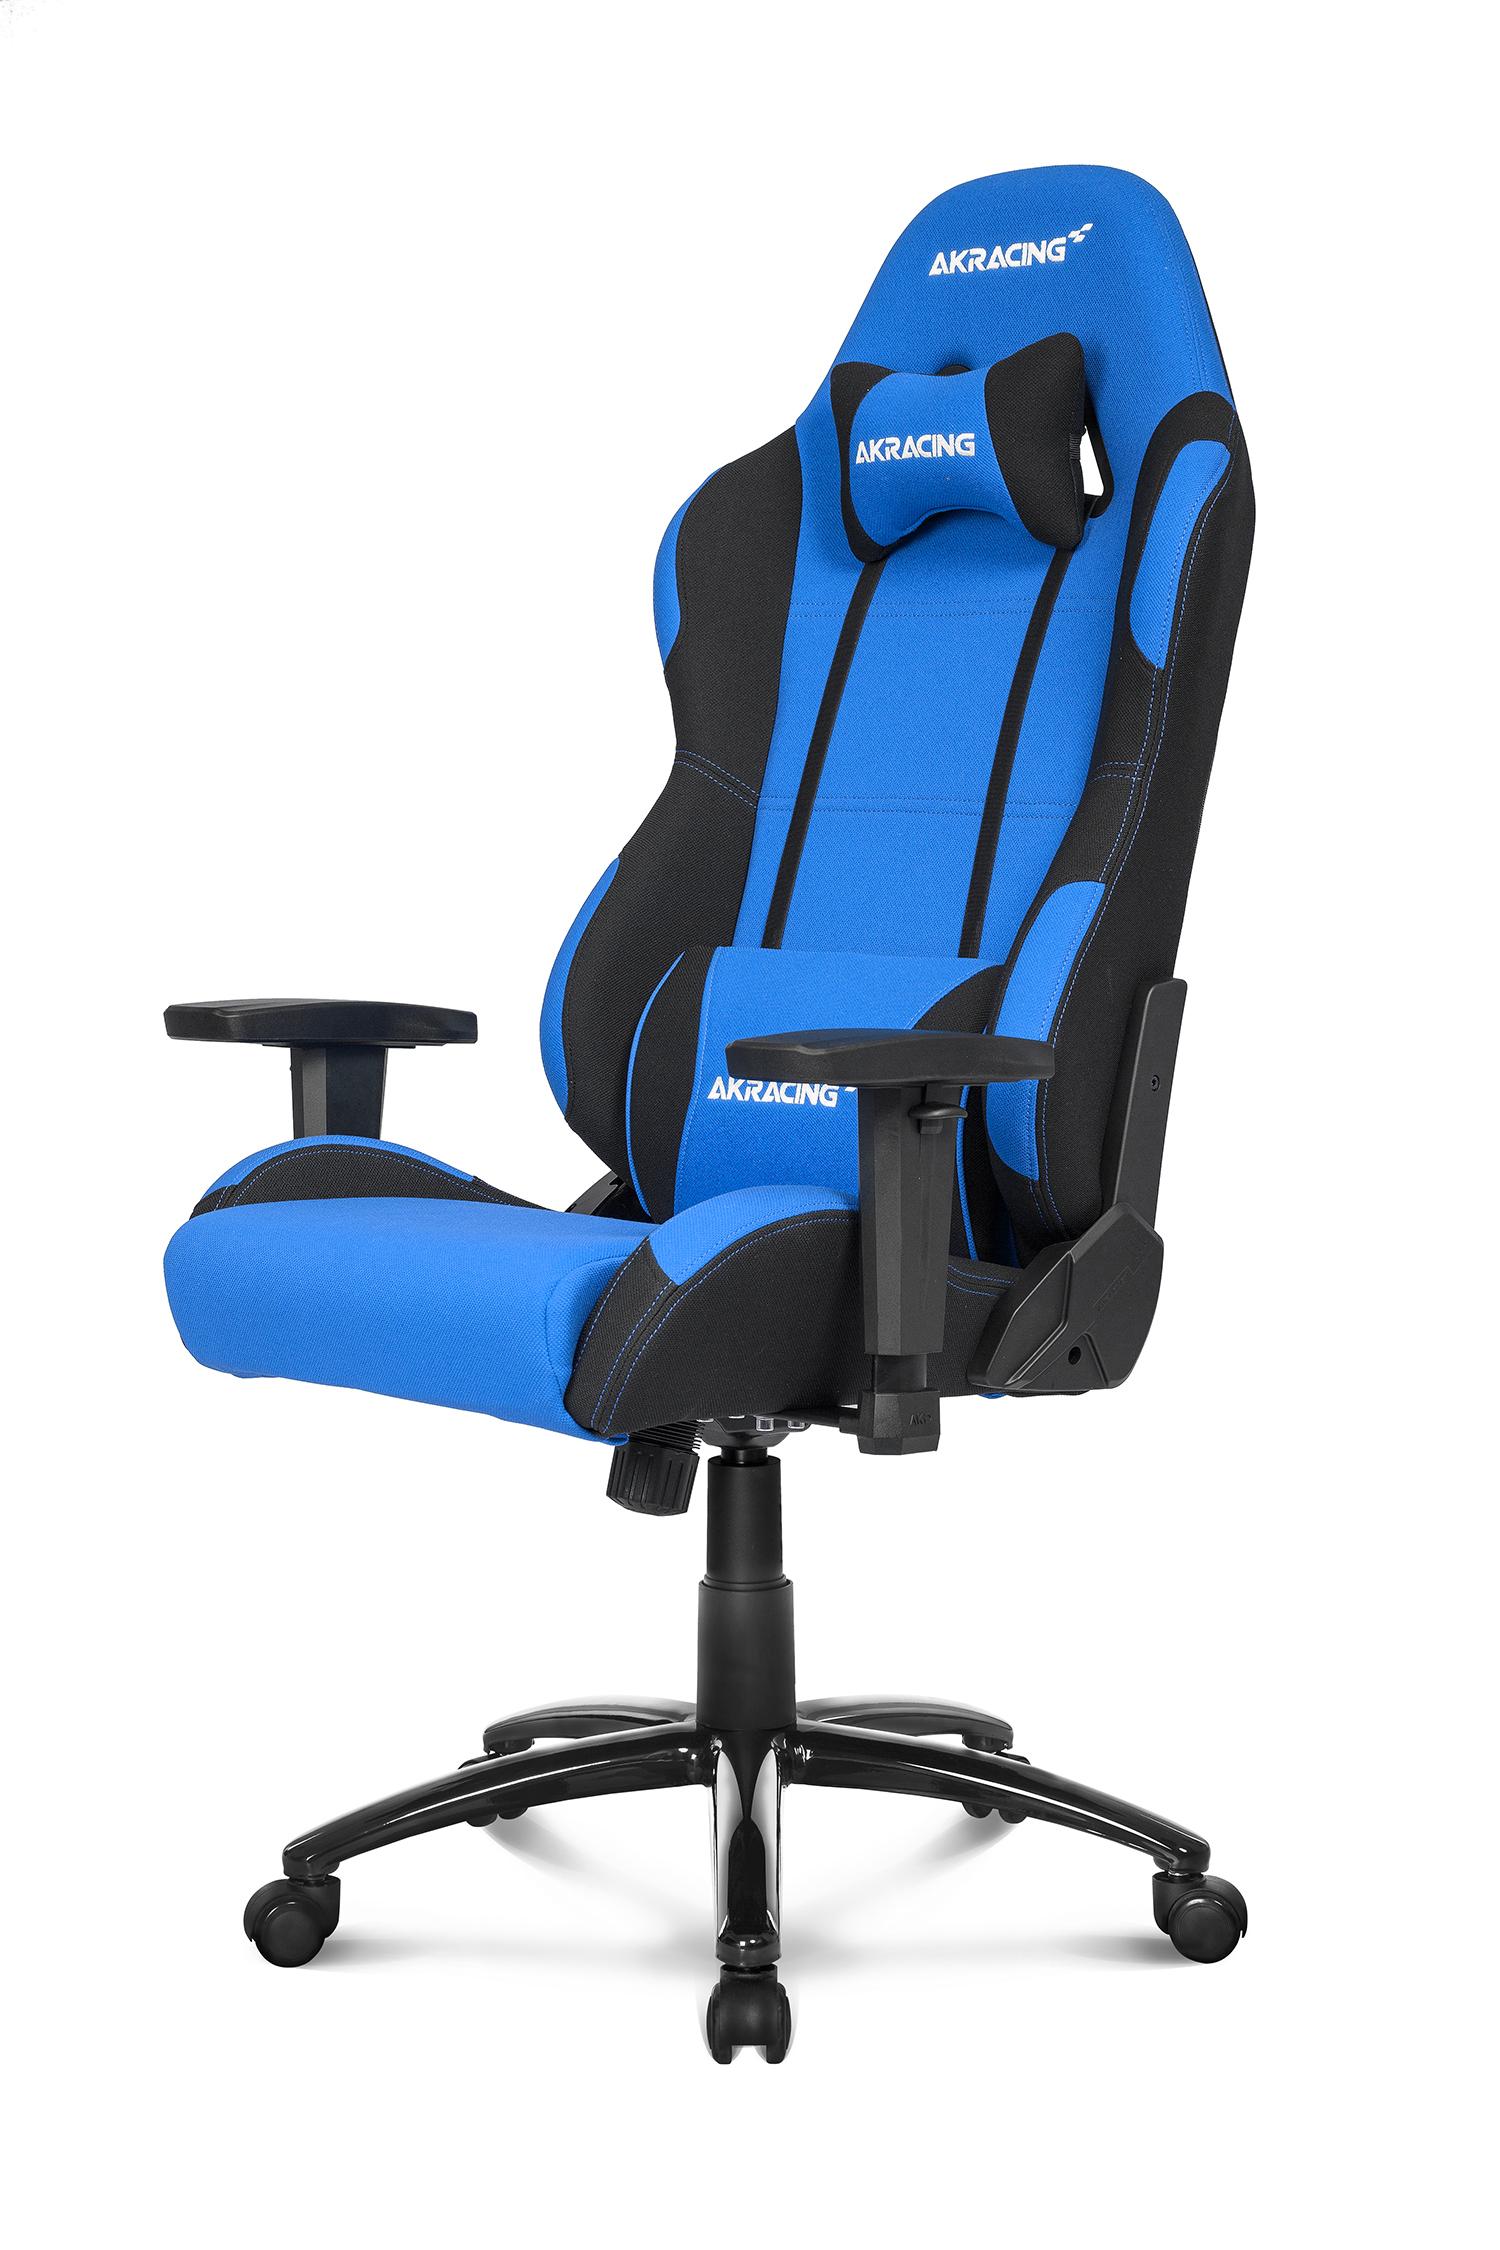 AKRacing EX - PC-Gamingstuhl - PC - 150 kg - Gepolsterter - ausgestopfter Sitz - Gepolsterte - ausgestopfte Rückenlehne - Rennen